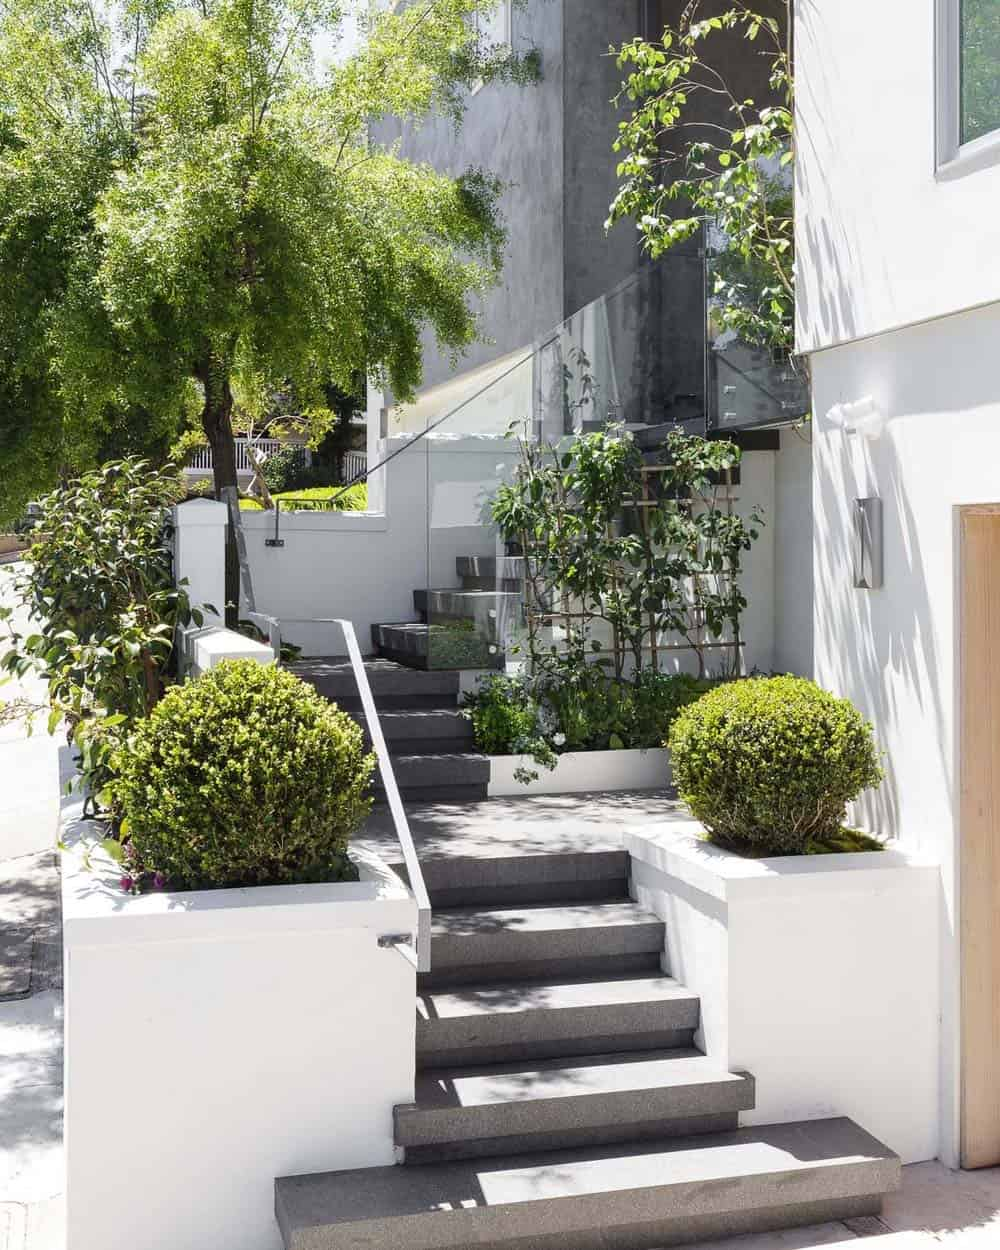 escalier-exterieur-maison-contemporaine